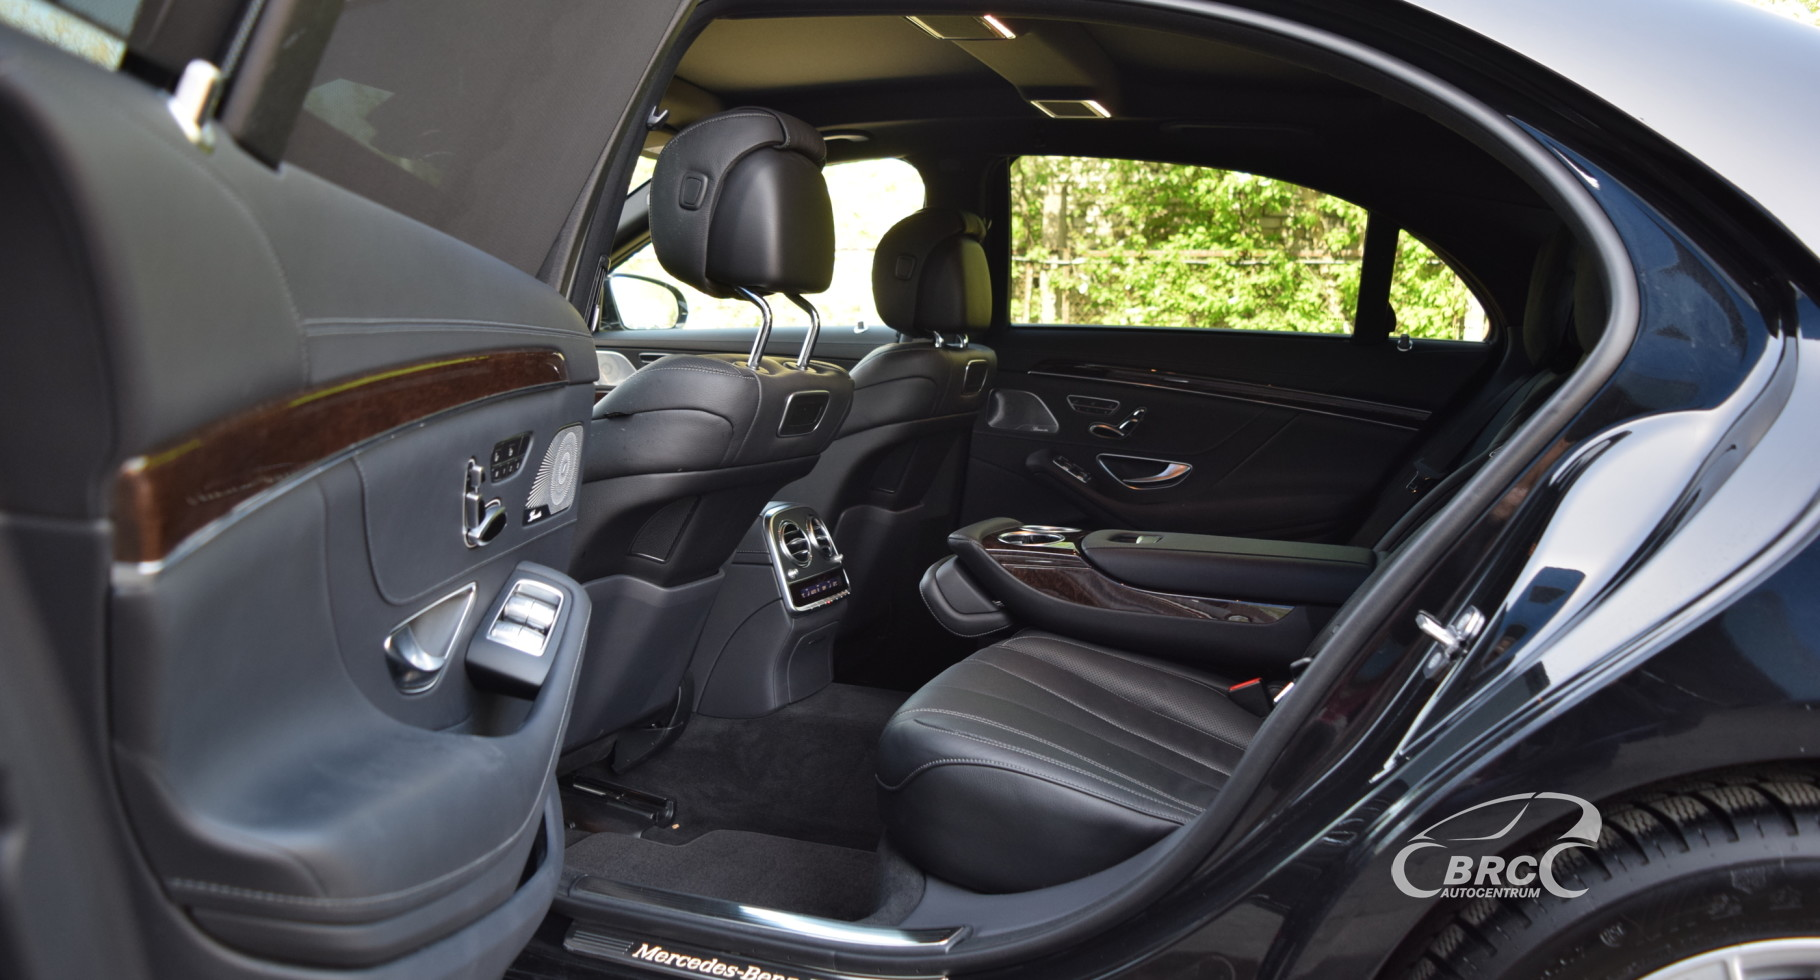 Mercedes-Benz S 350 L Facelift model